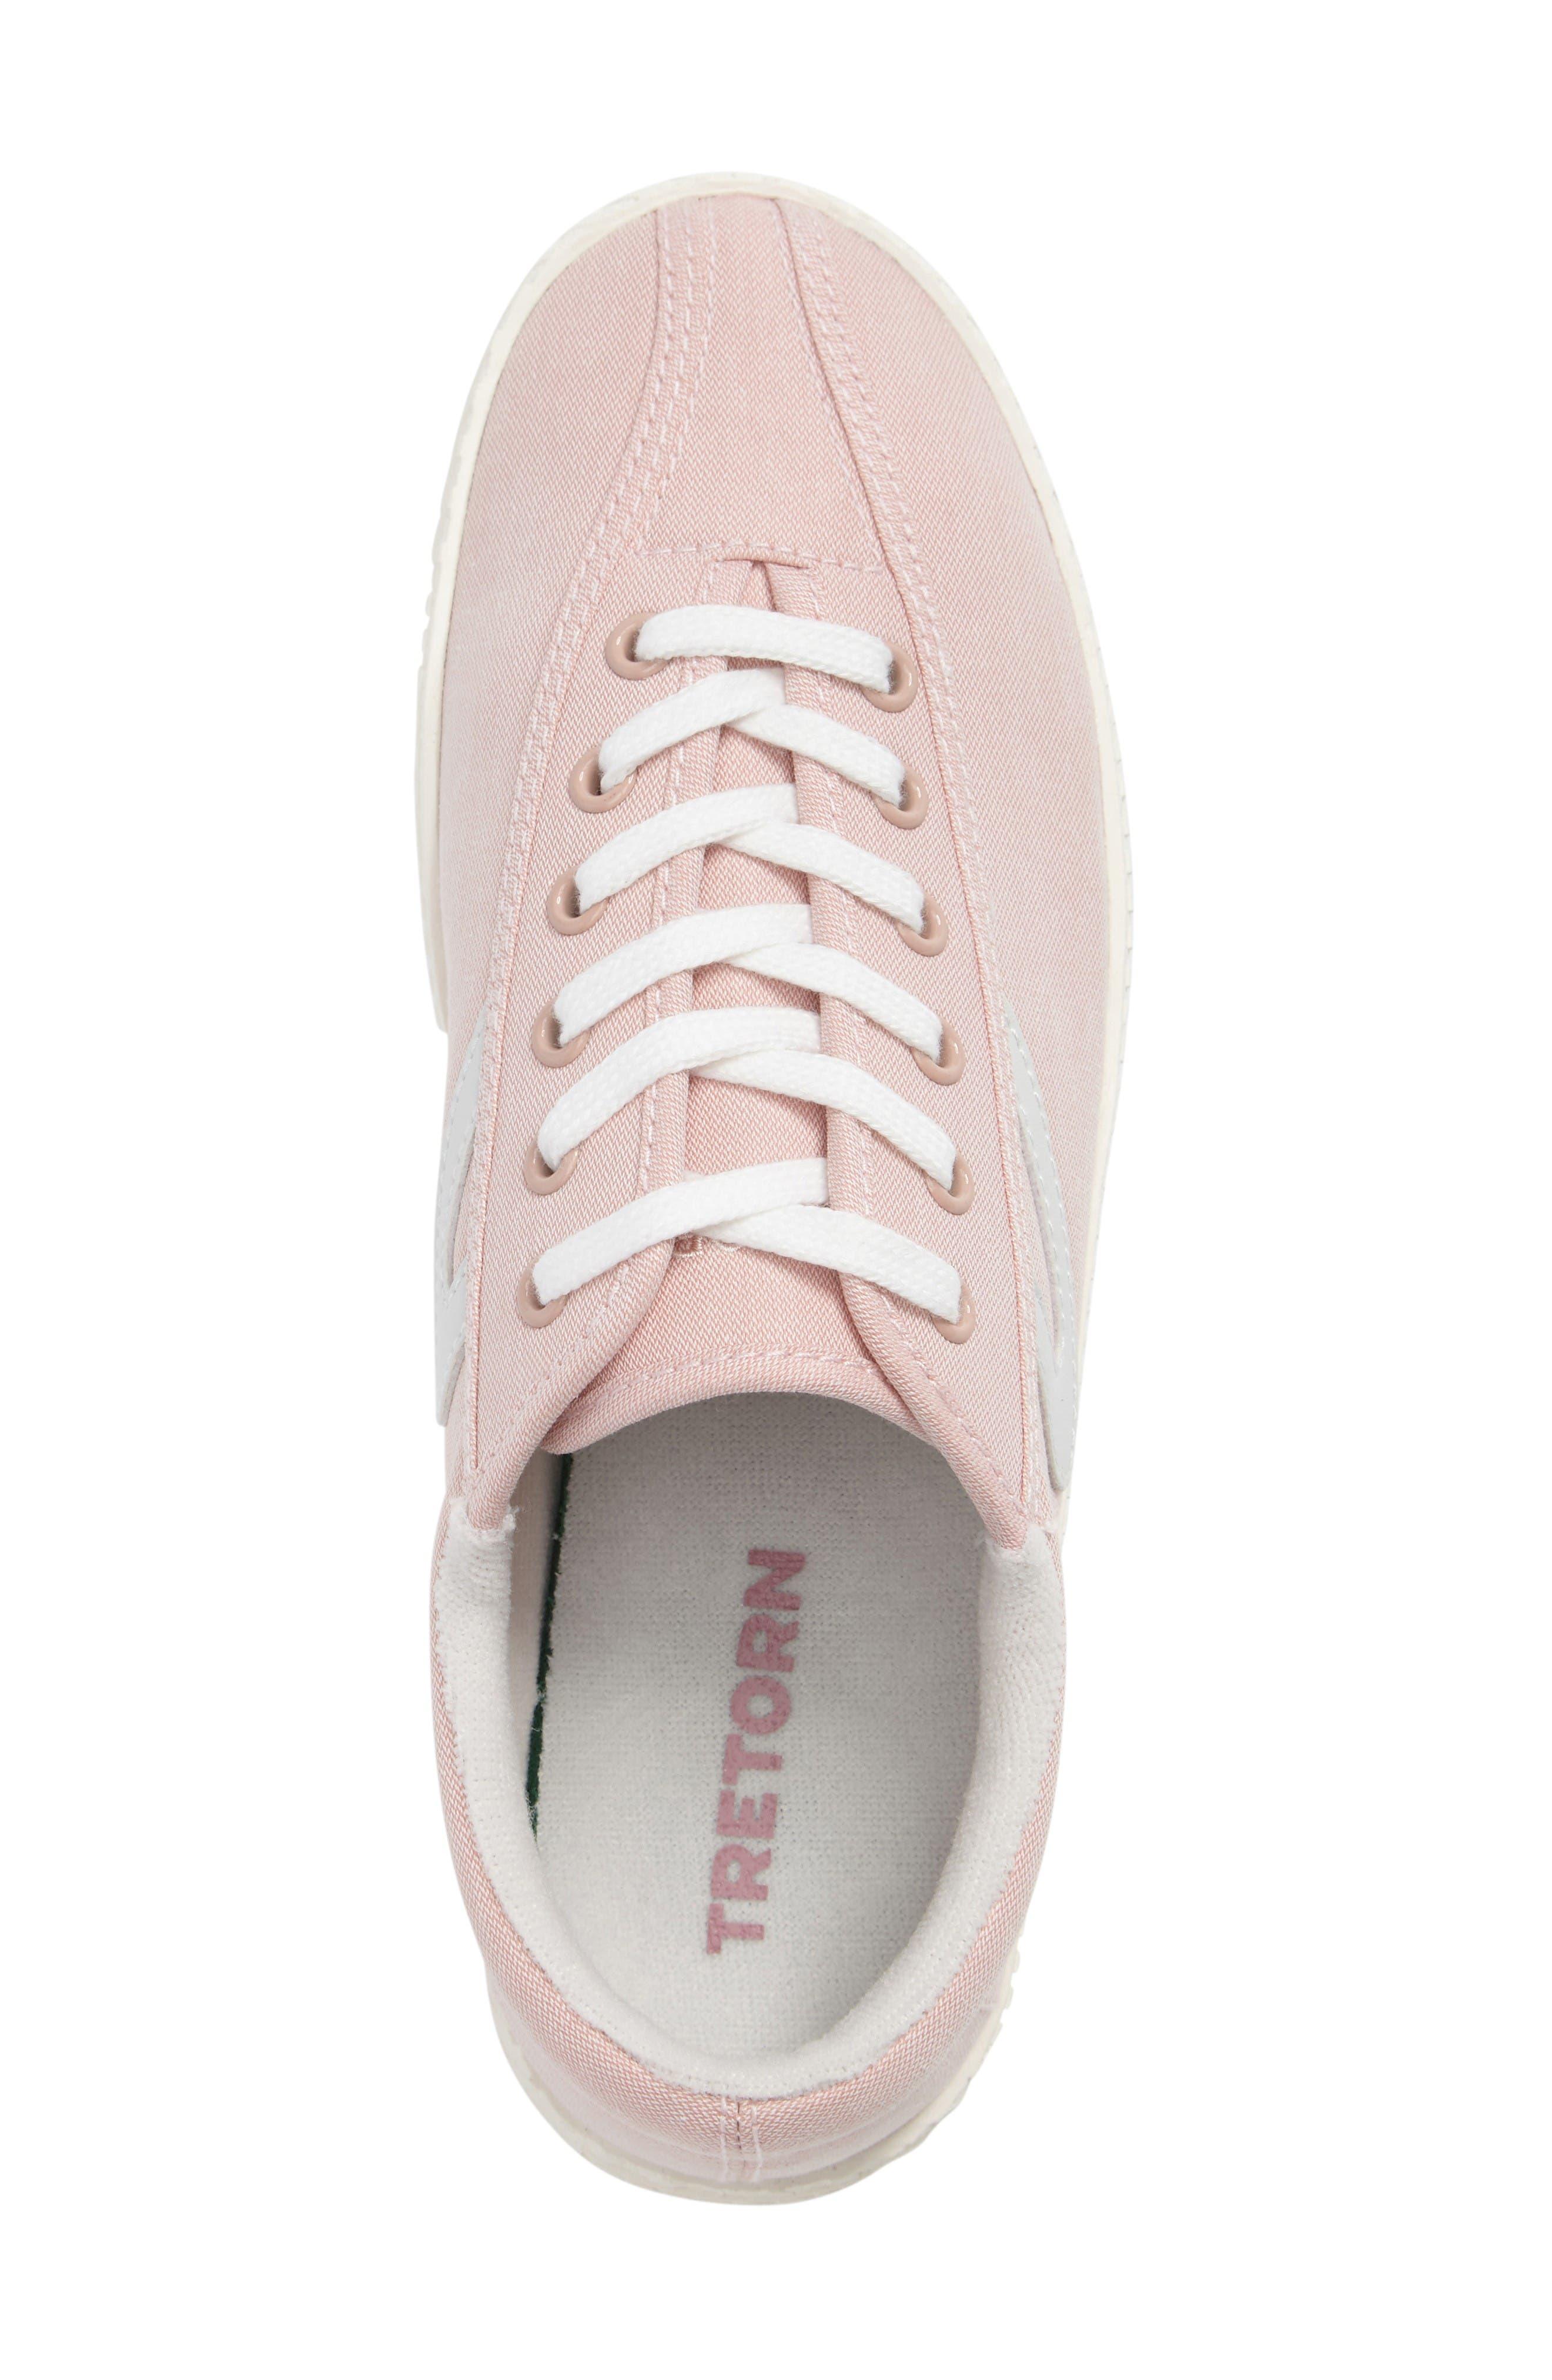 Alternate Image 3  - Tretorn 'Nylite' Sneaker (Women)